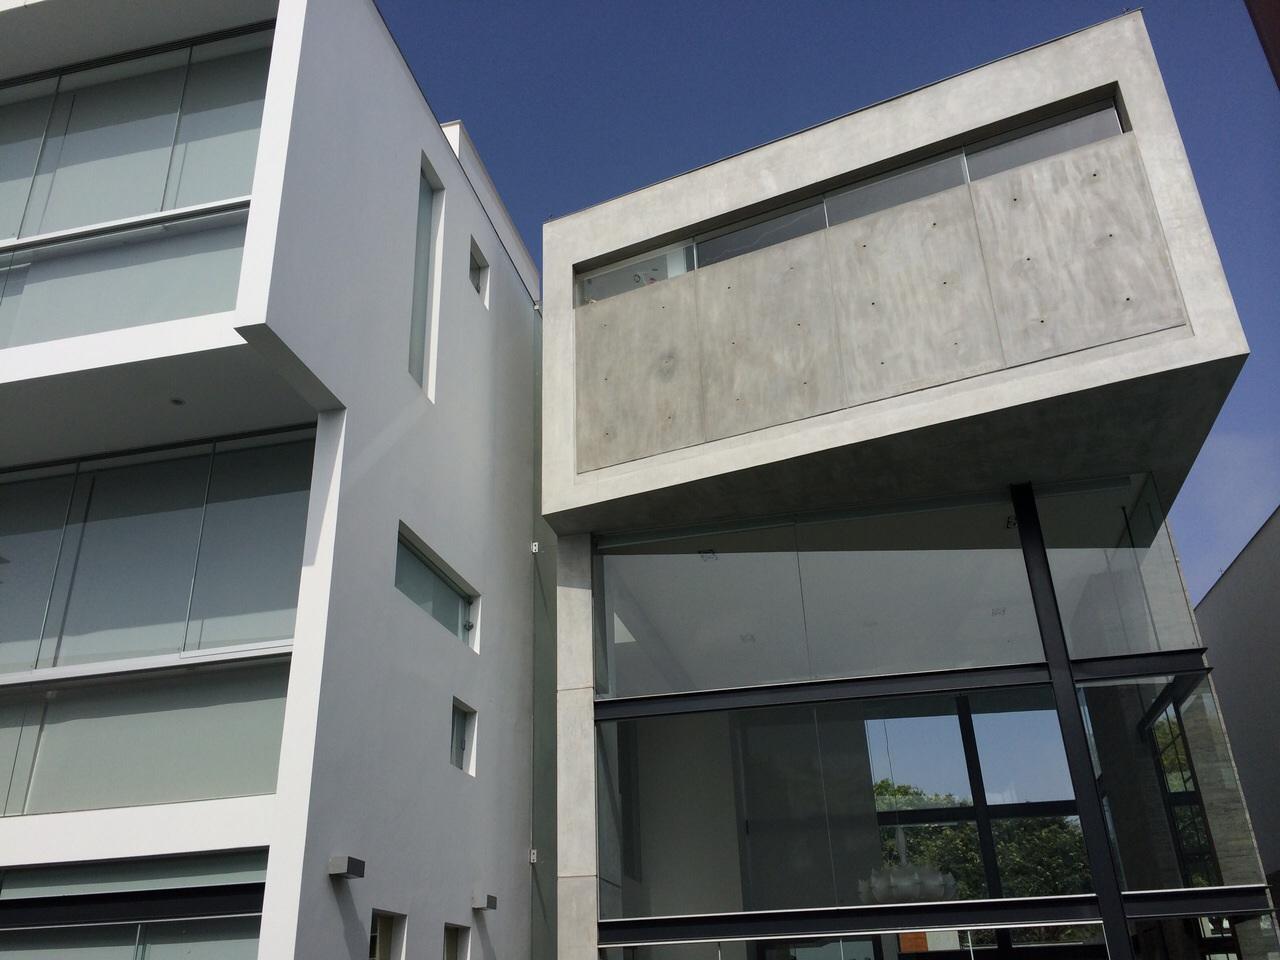 Casa MM en San Isidro lima peru diego del castillo (25).JPG